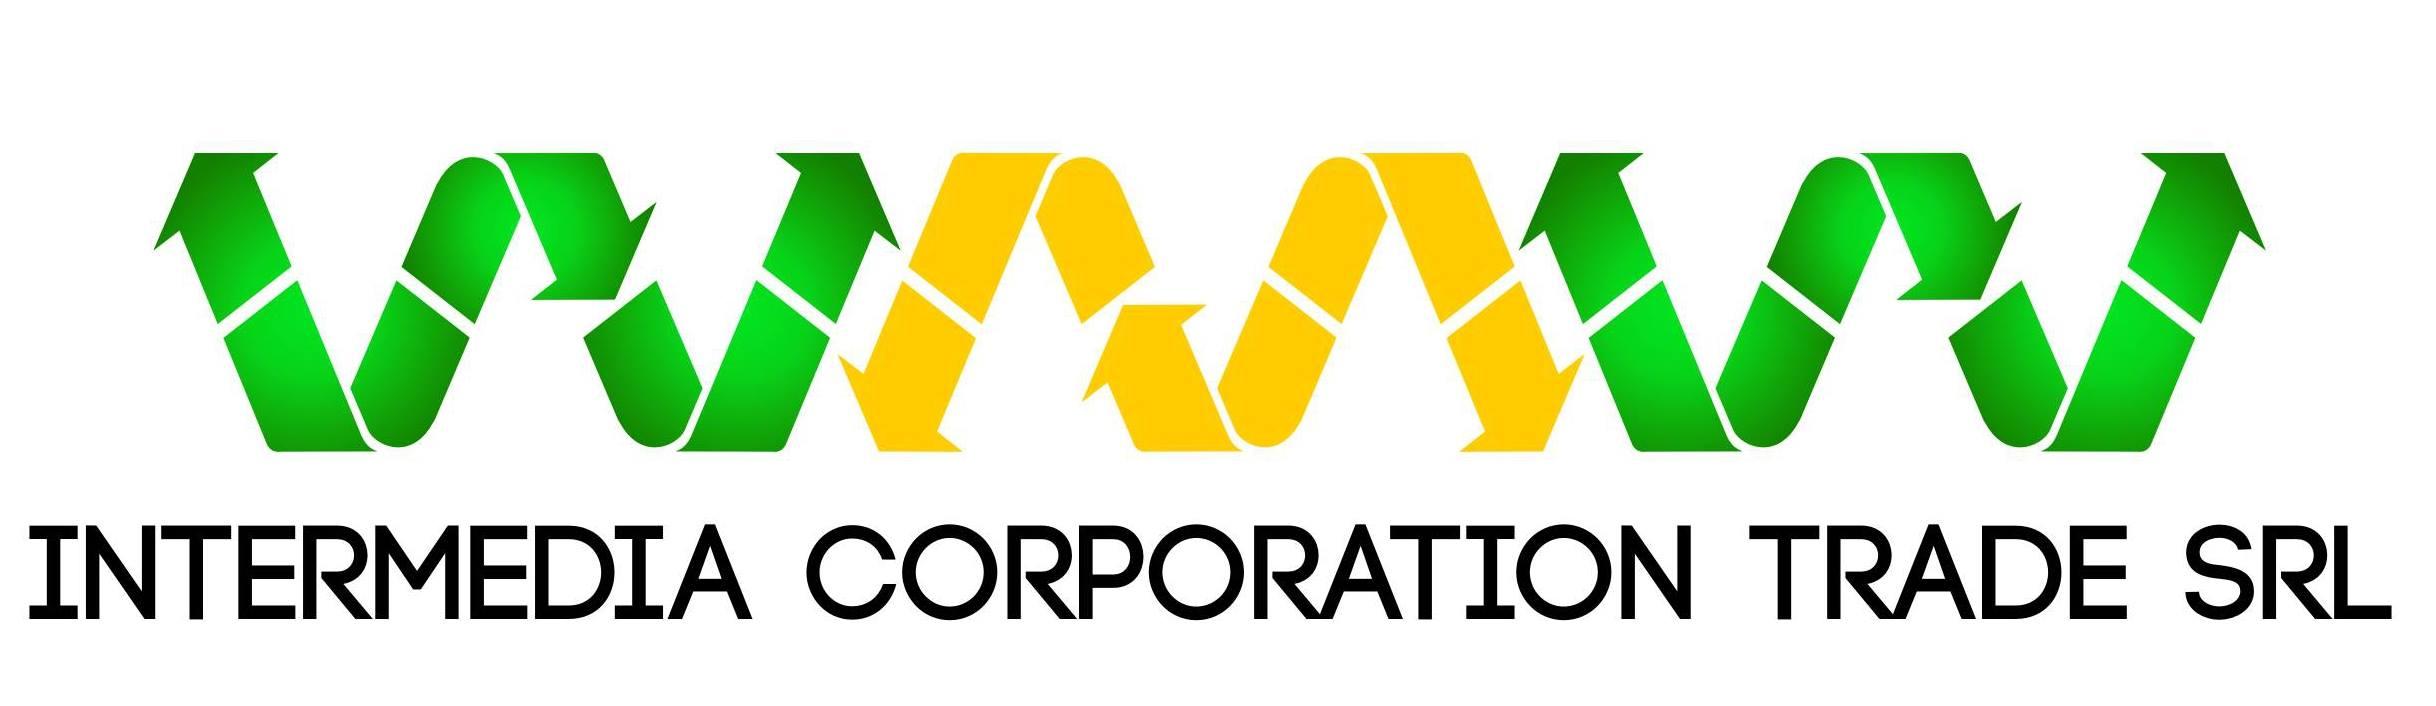 WMW INTERMEDIA CORPORATION TRADE SRL - Firmă de colectare și reciclare deșeuri în Alba Iulia, județul Alba